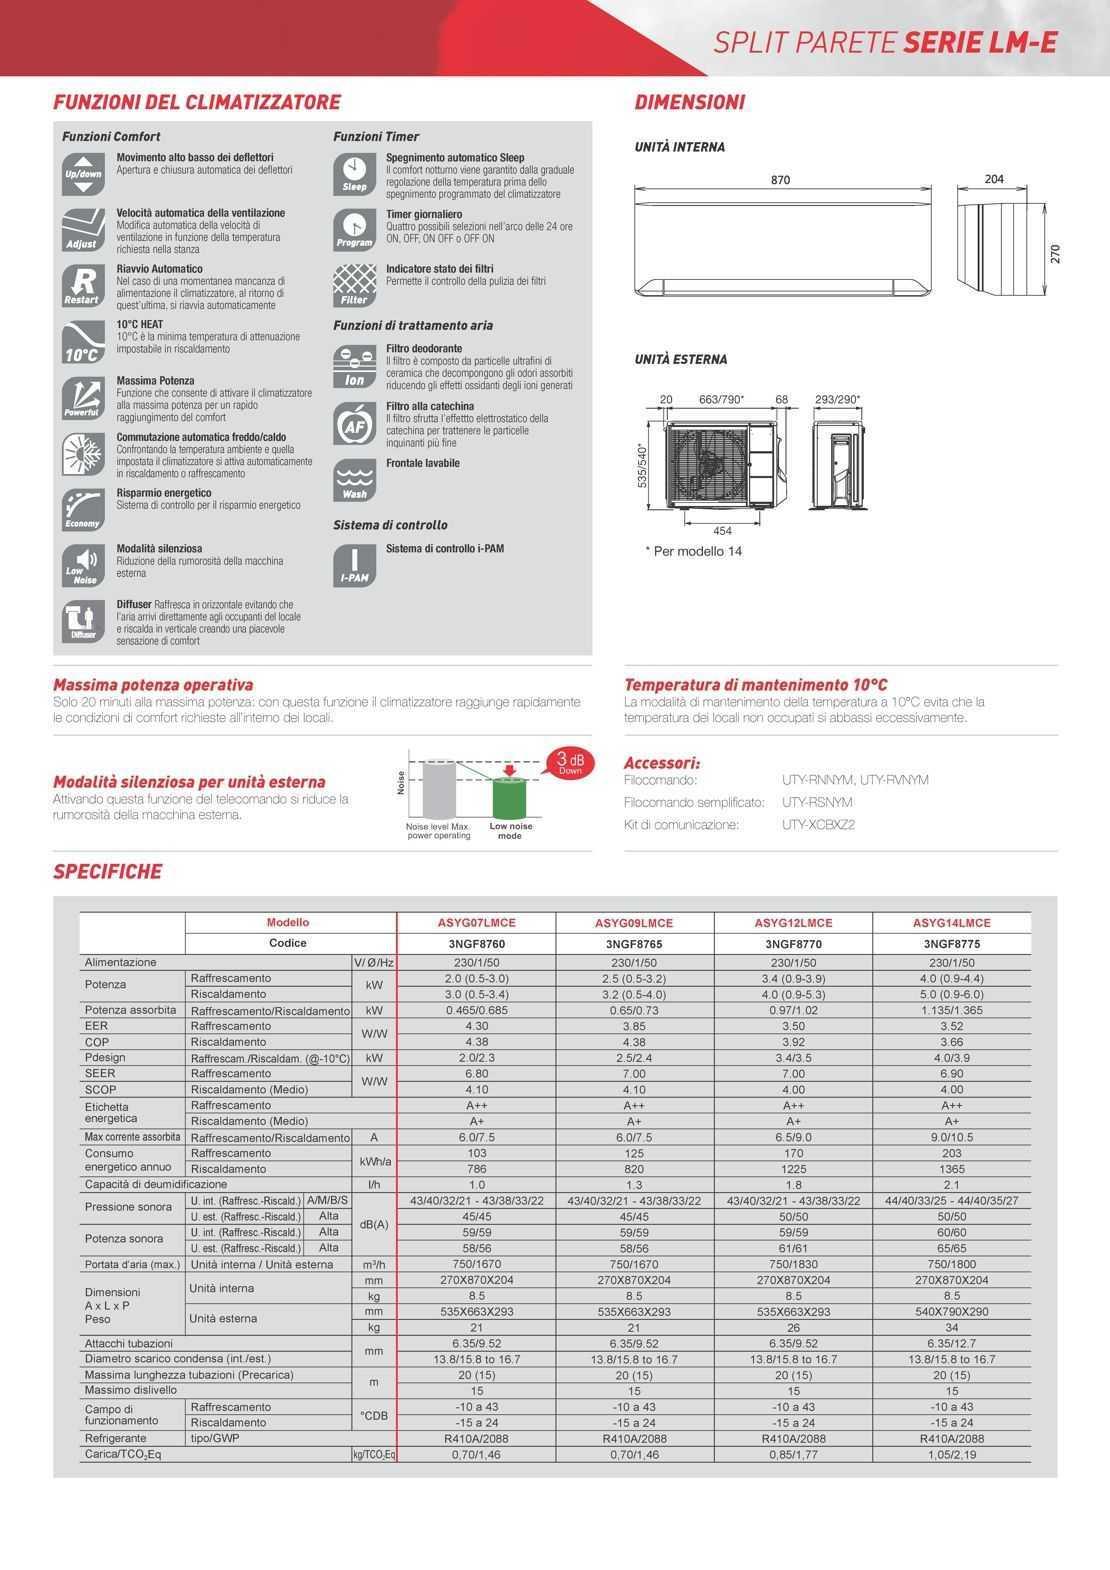 Fujitsu Climatizzatore LM